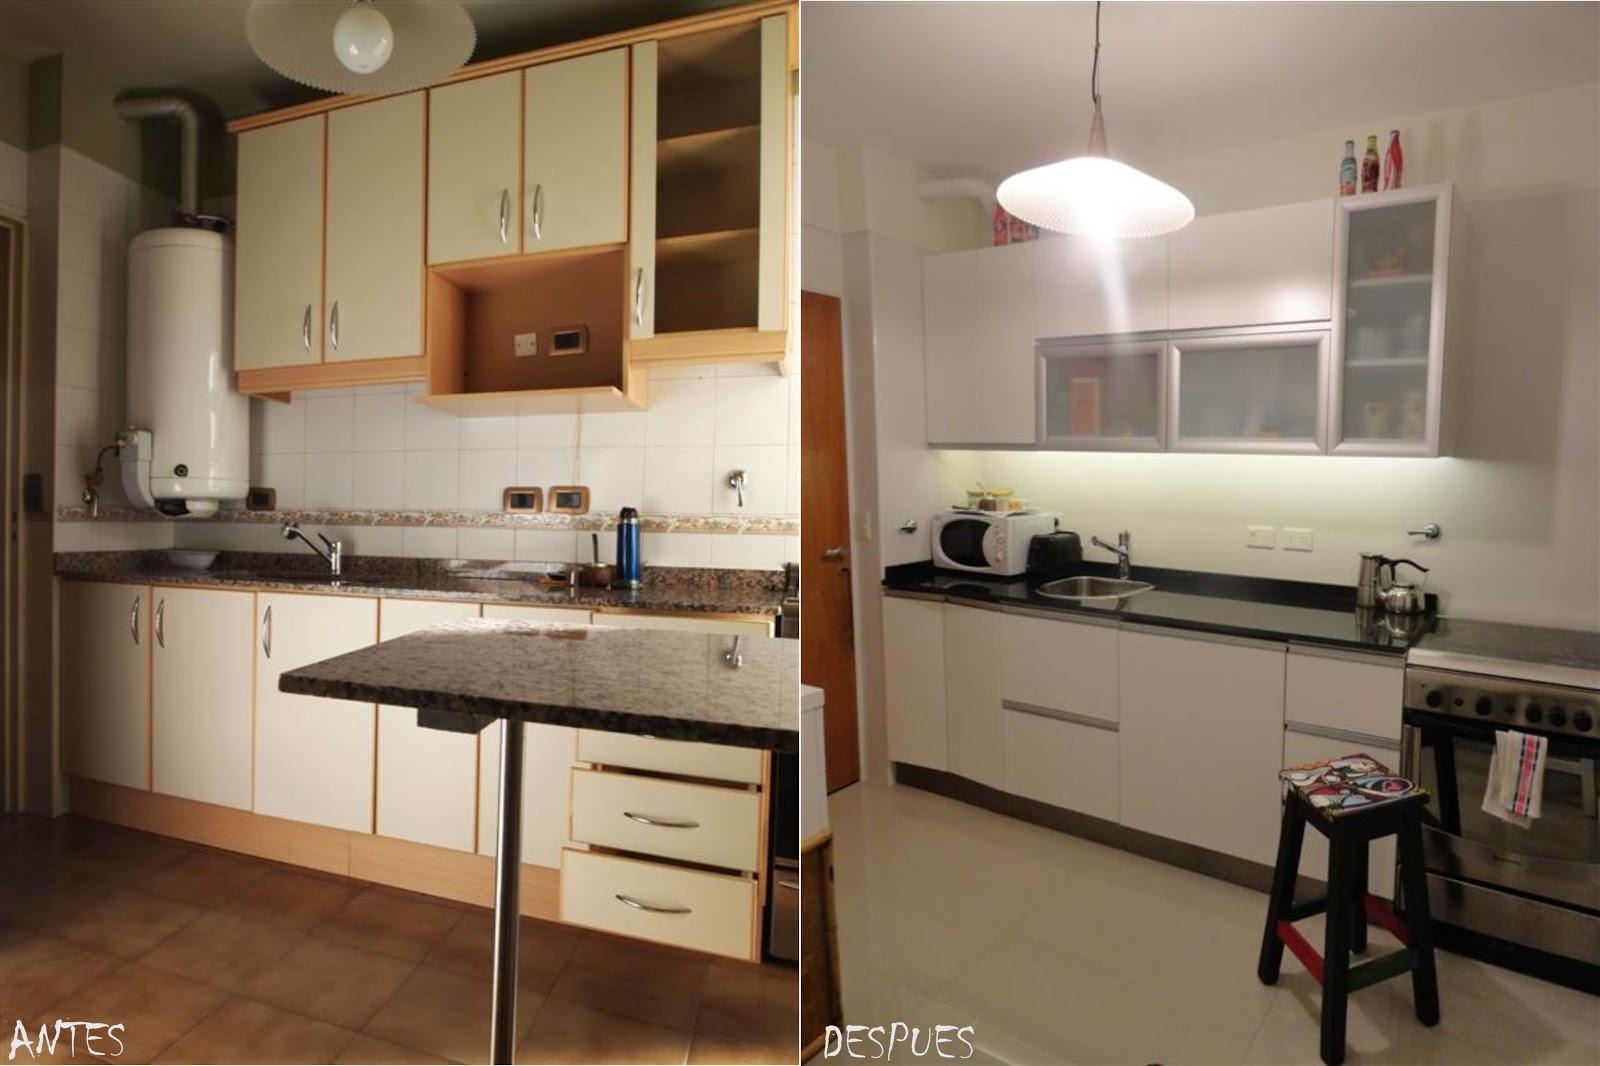 Arquitectura a tu medida remodelacion de una cocina for Remodelacion de cocinas